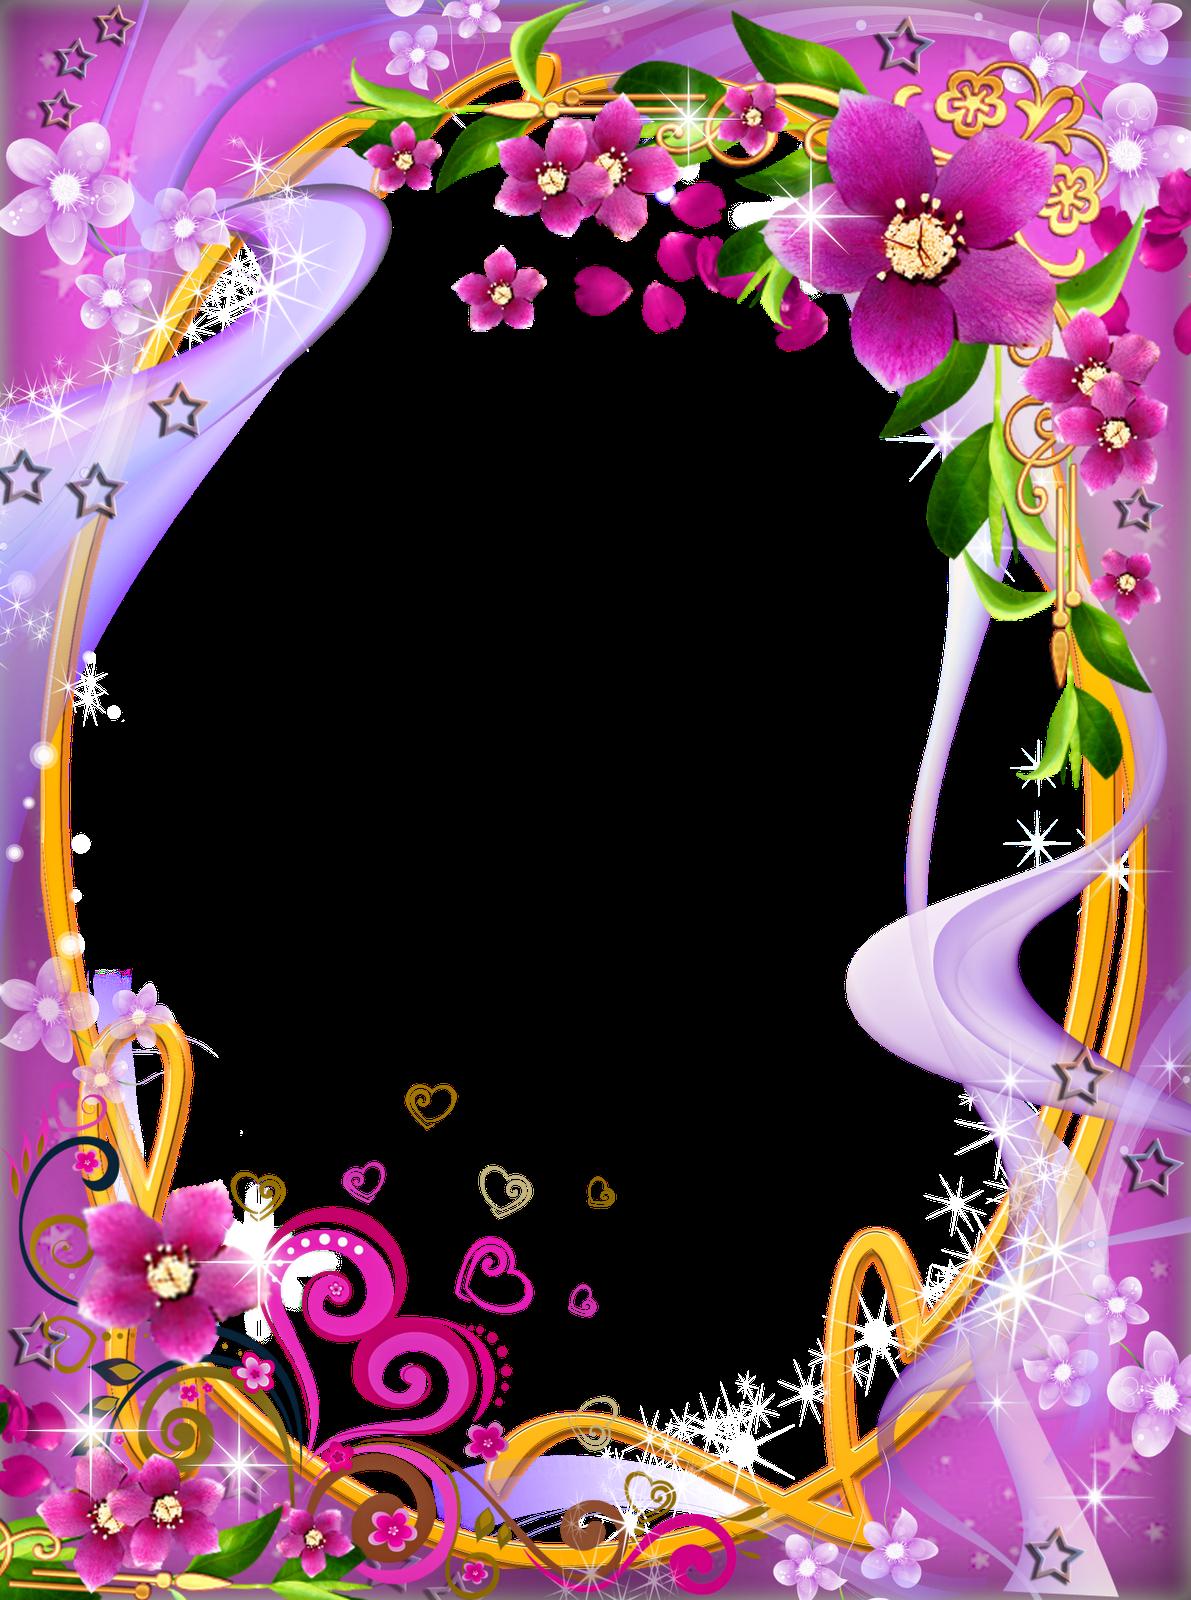 Photoshop png marcadores flores. Clipart park frame